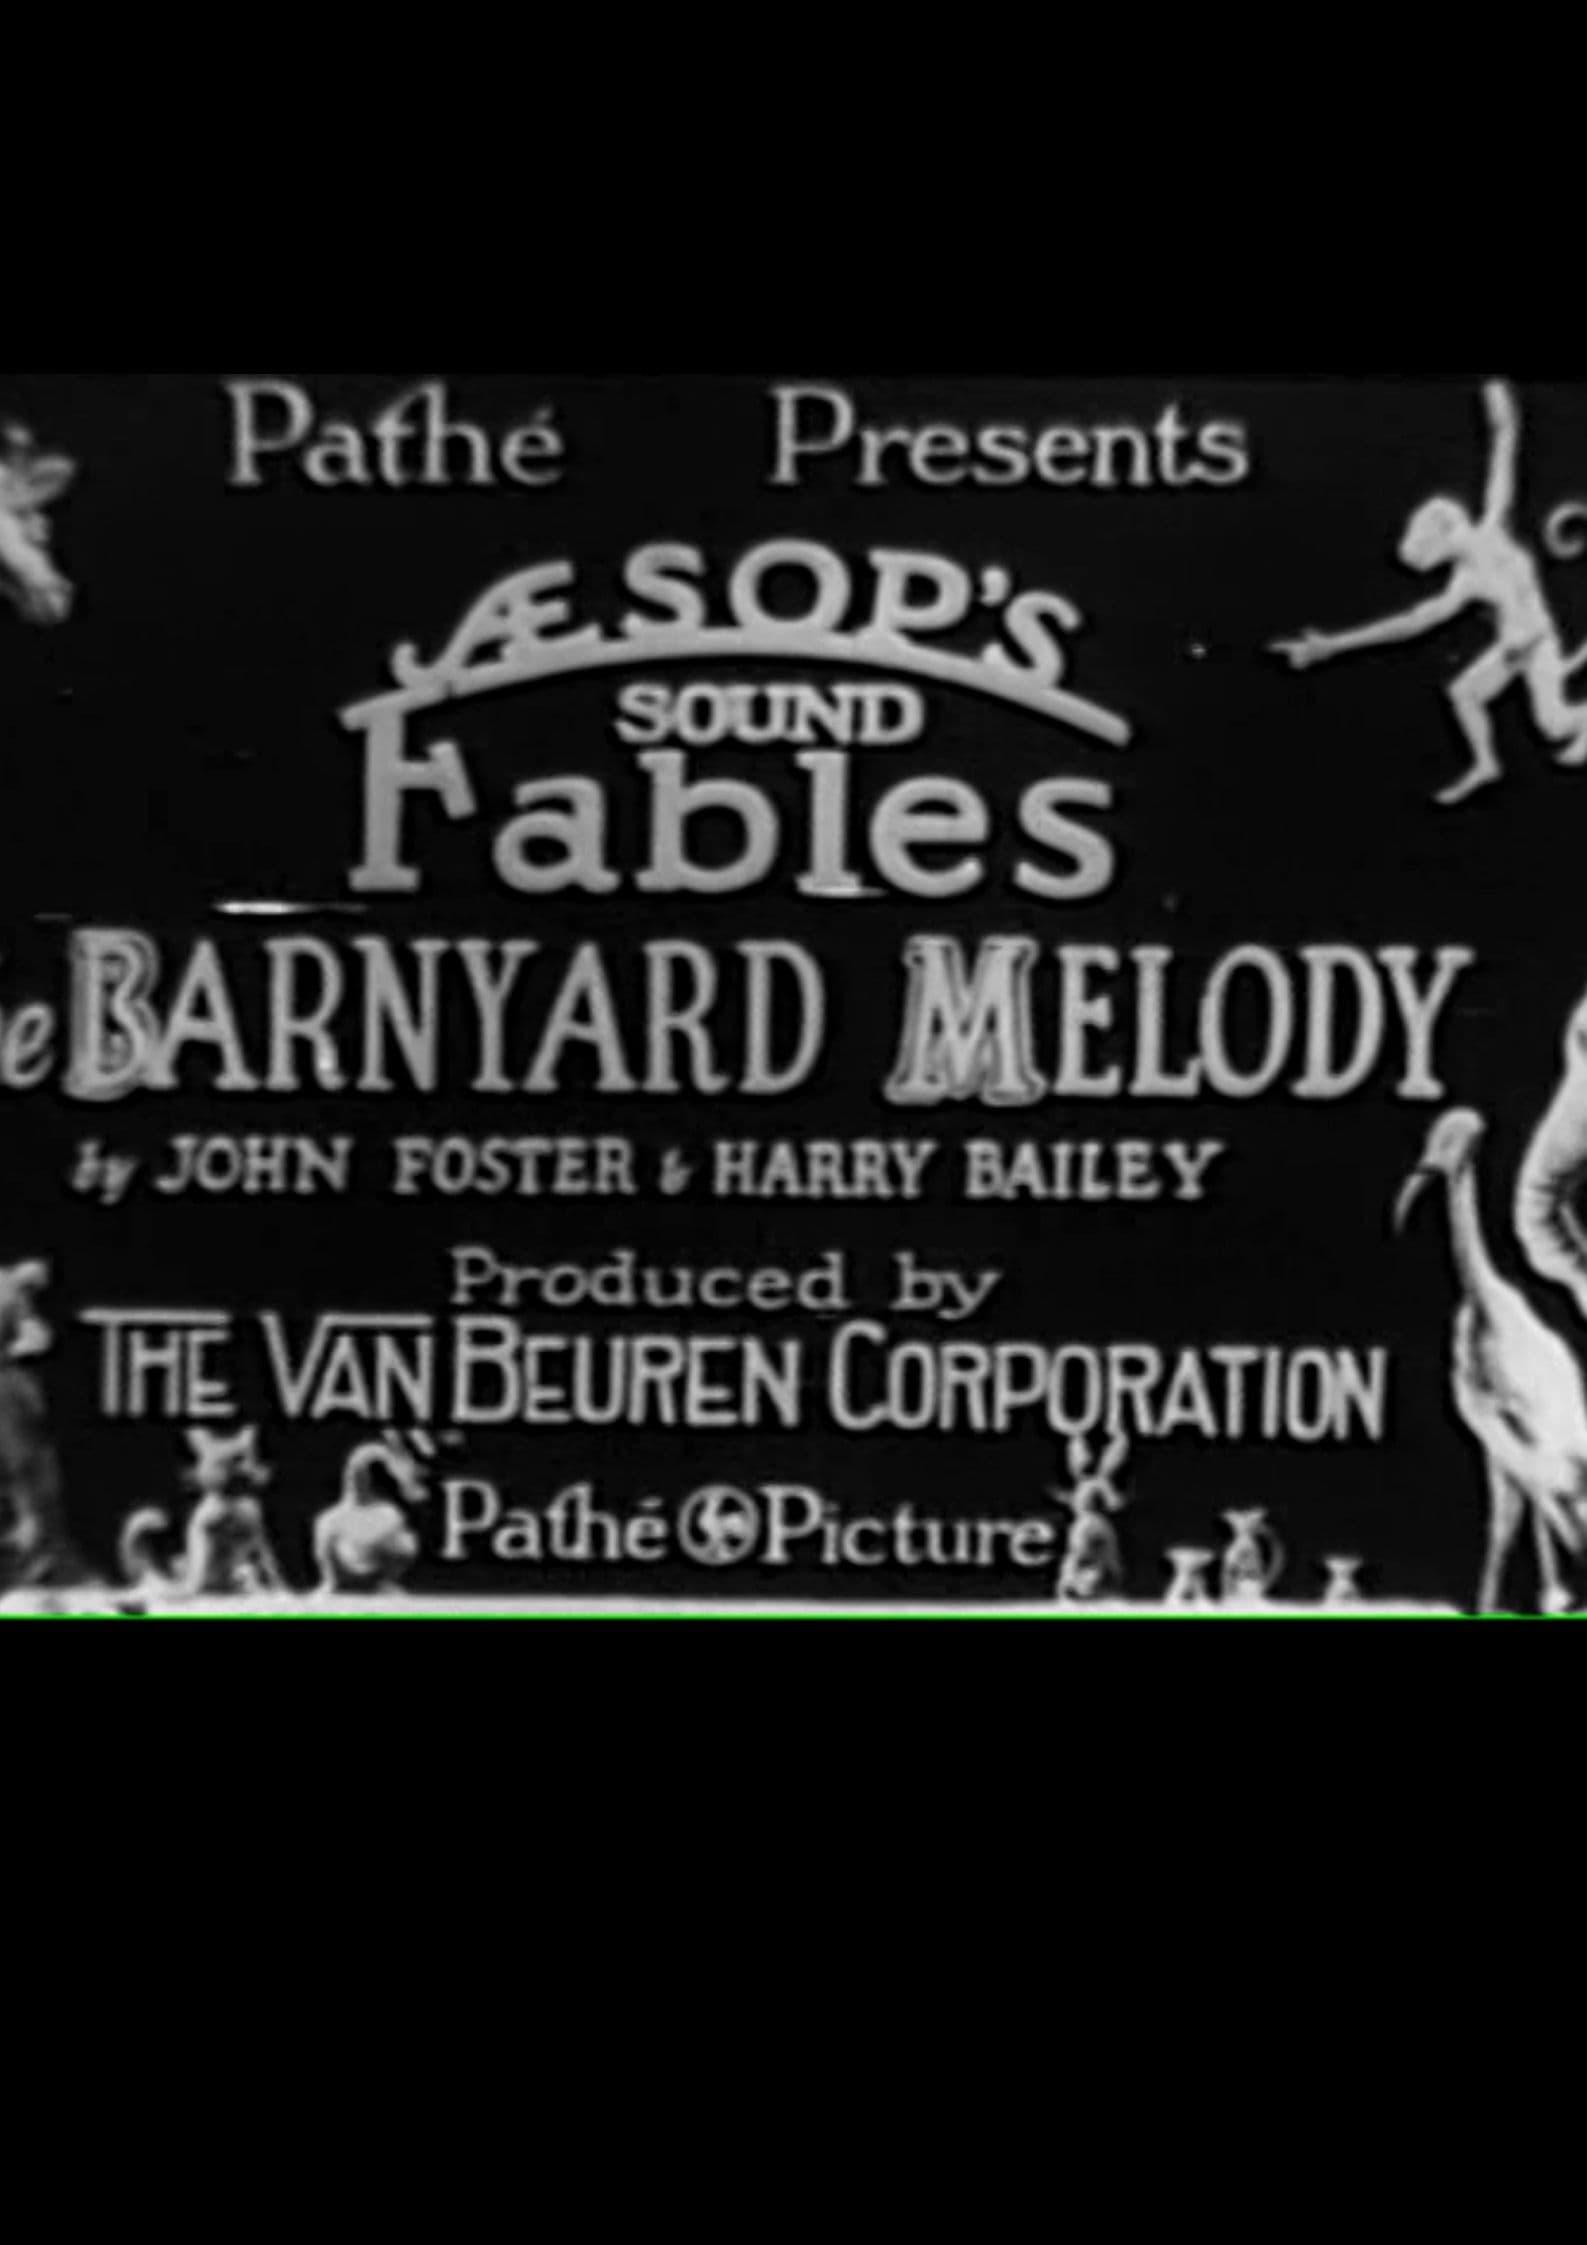 Barnyard Melody